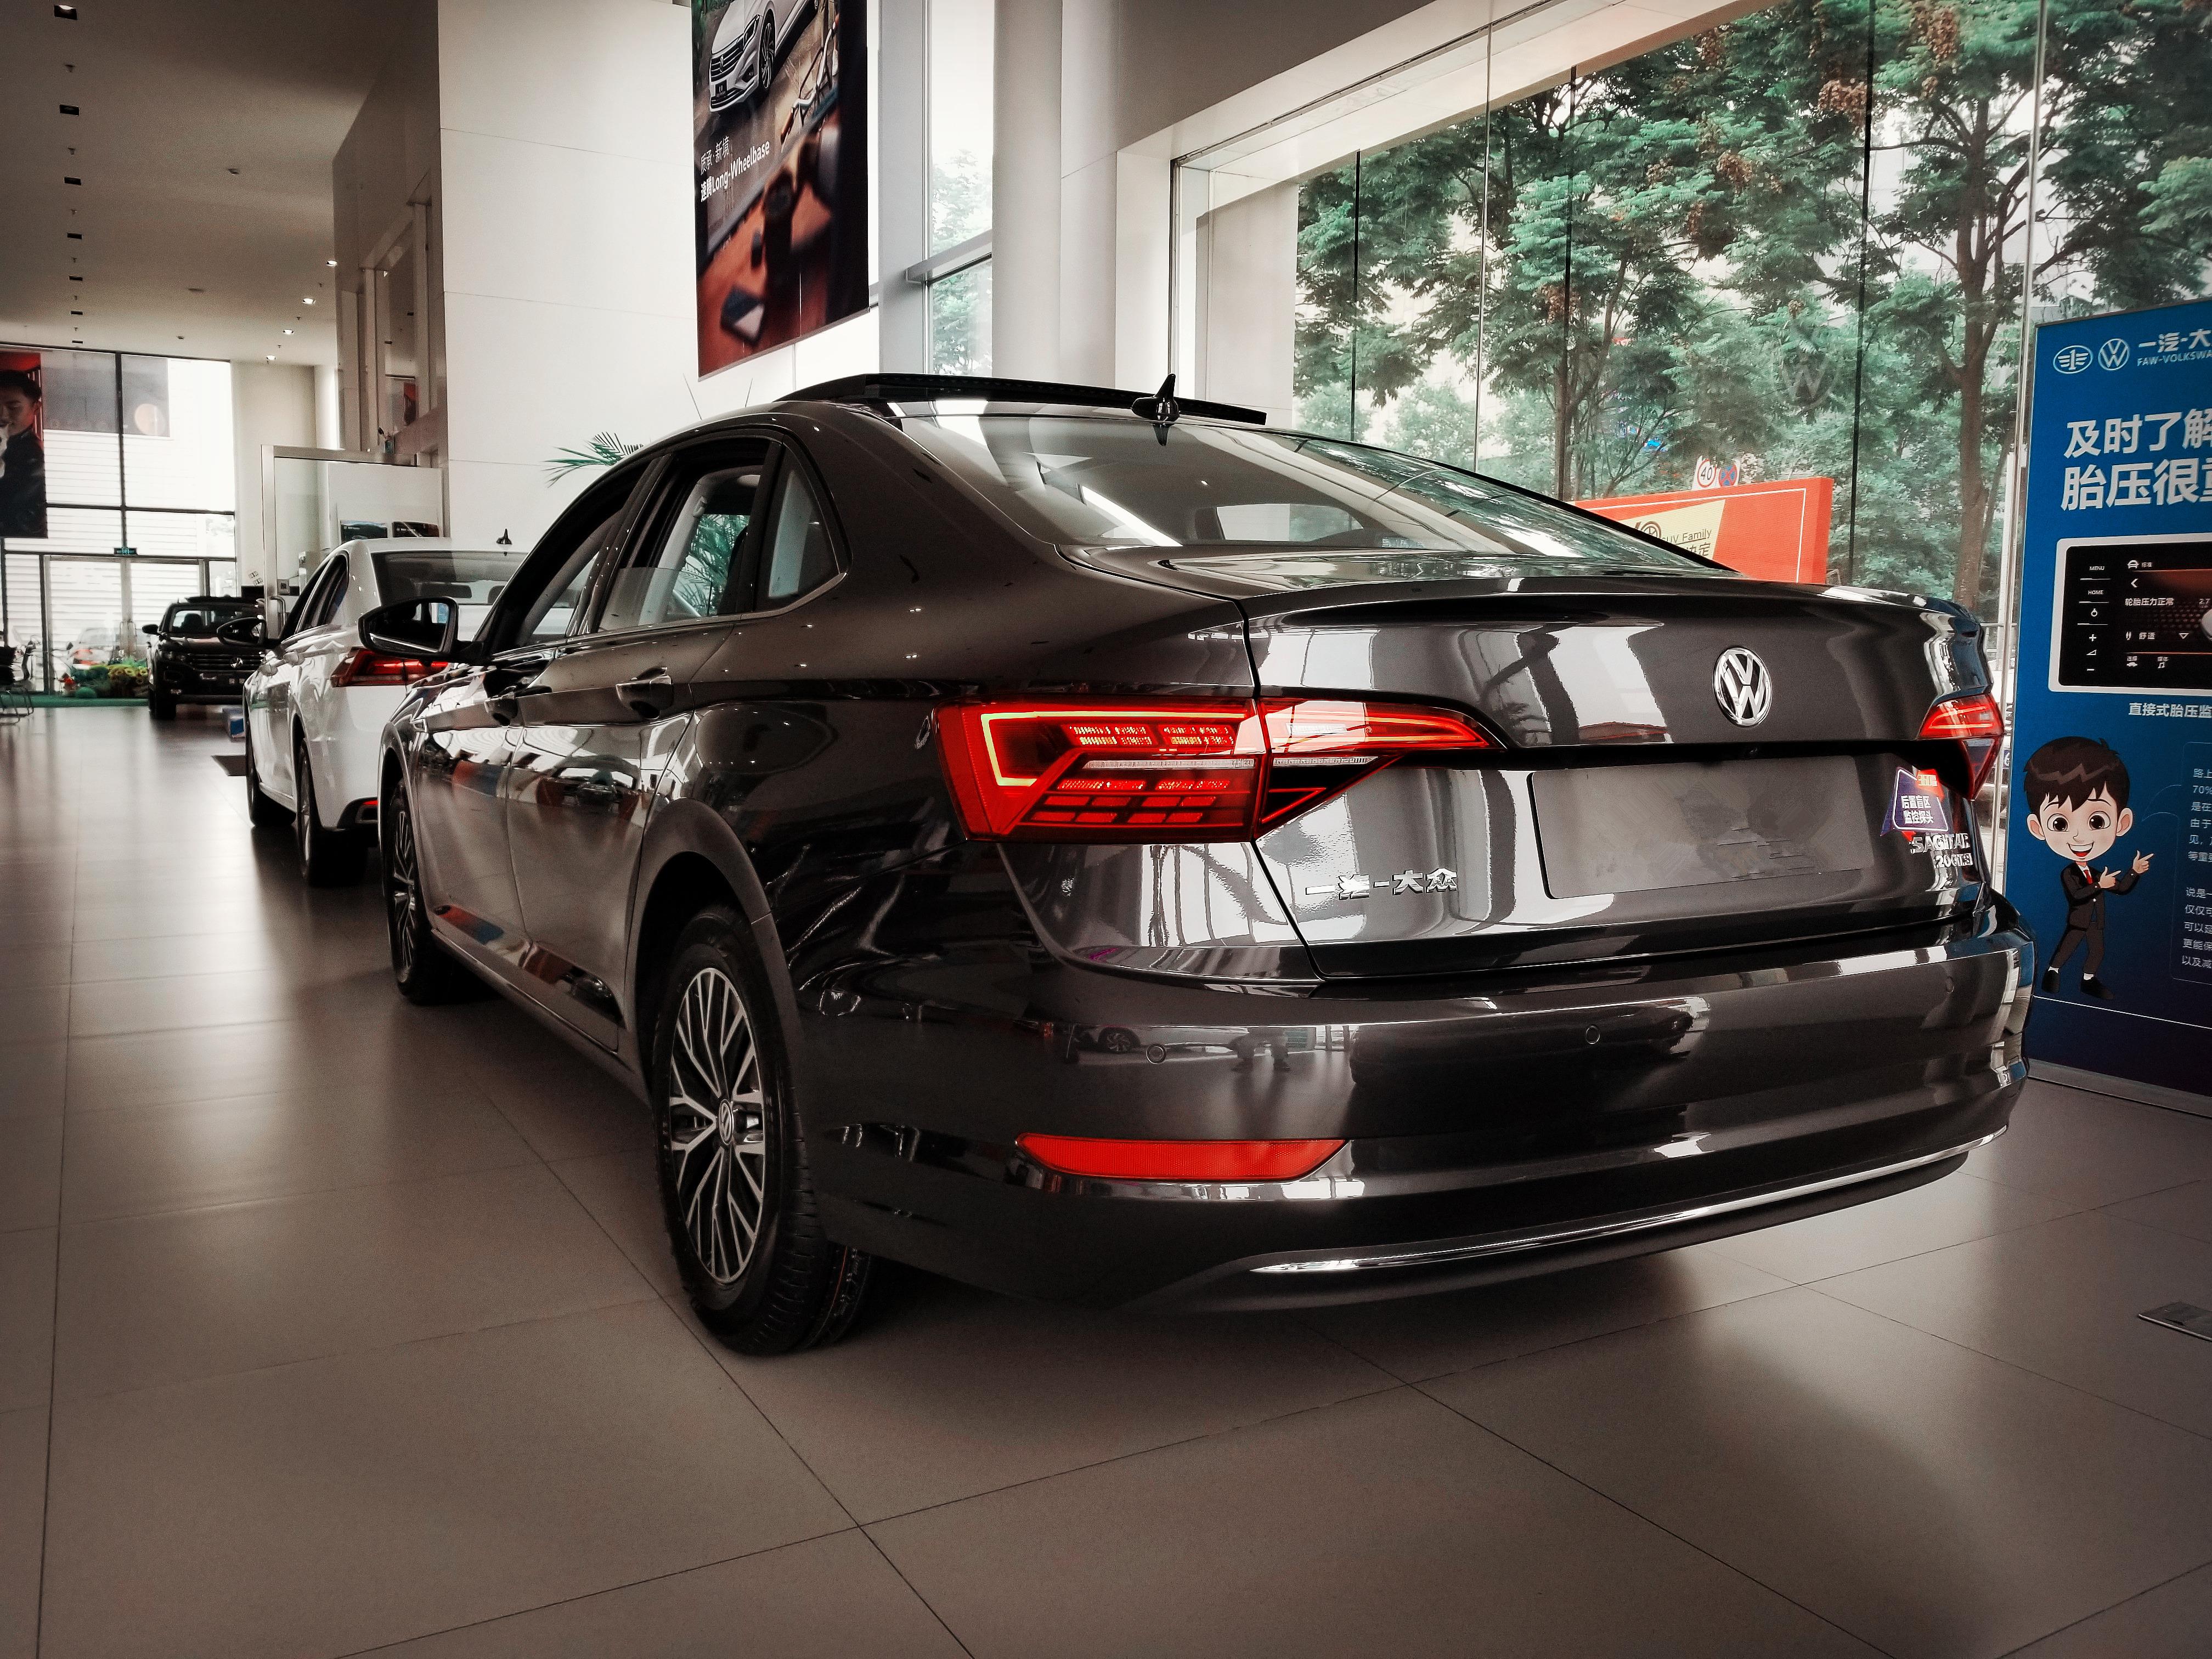 德系销量第三!速腾降幅达3.5万,血统更纯粹,还是卖不过特供车